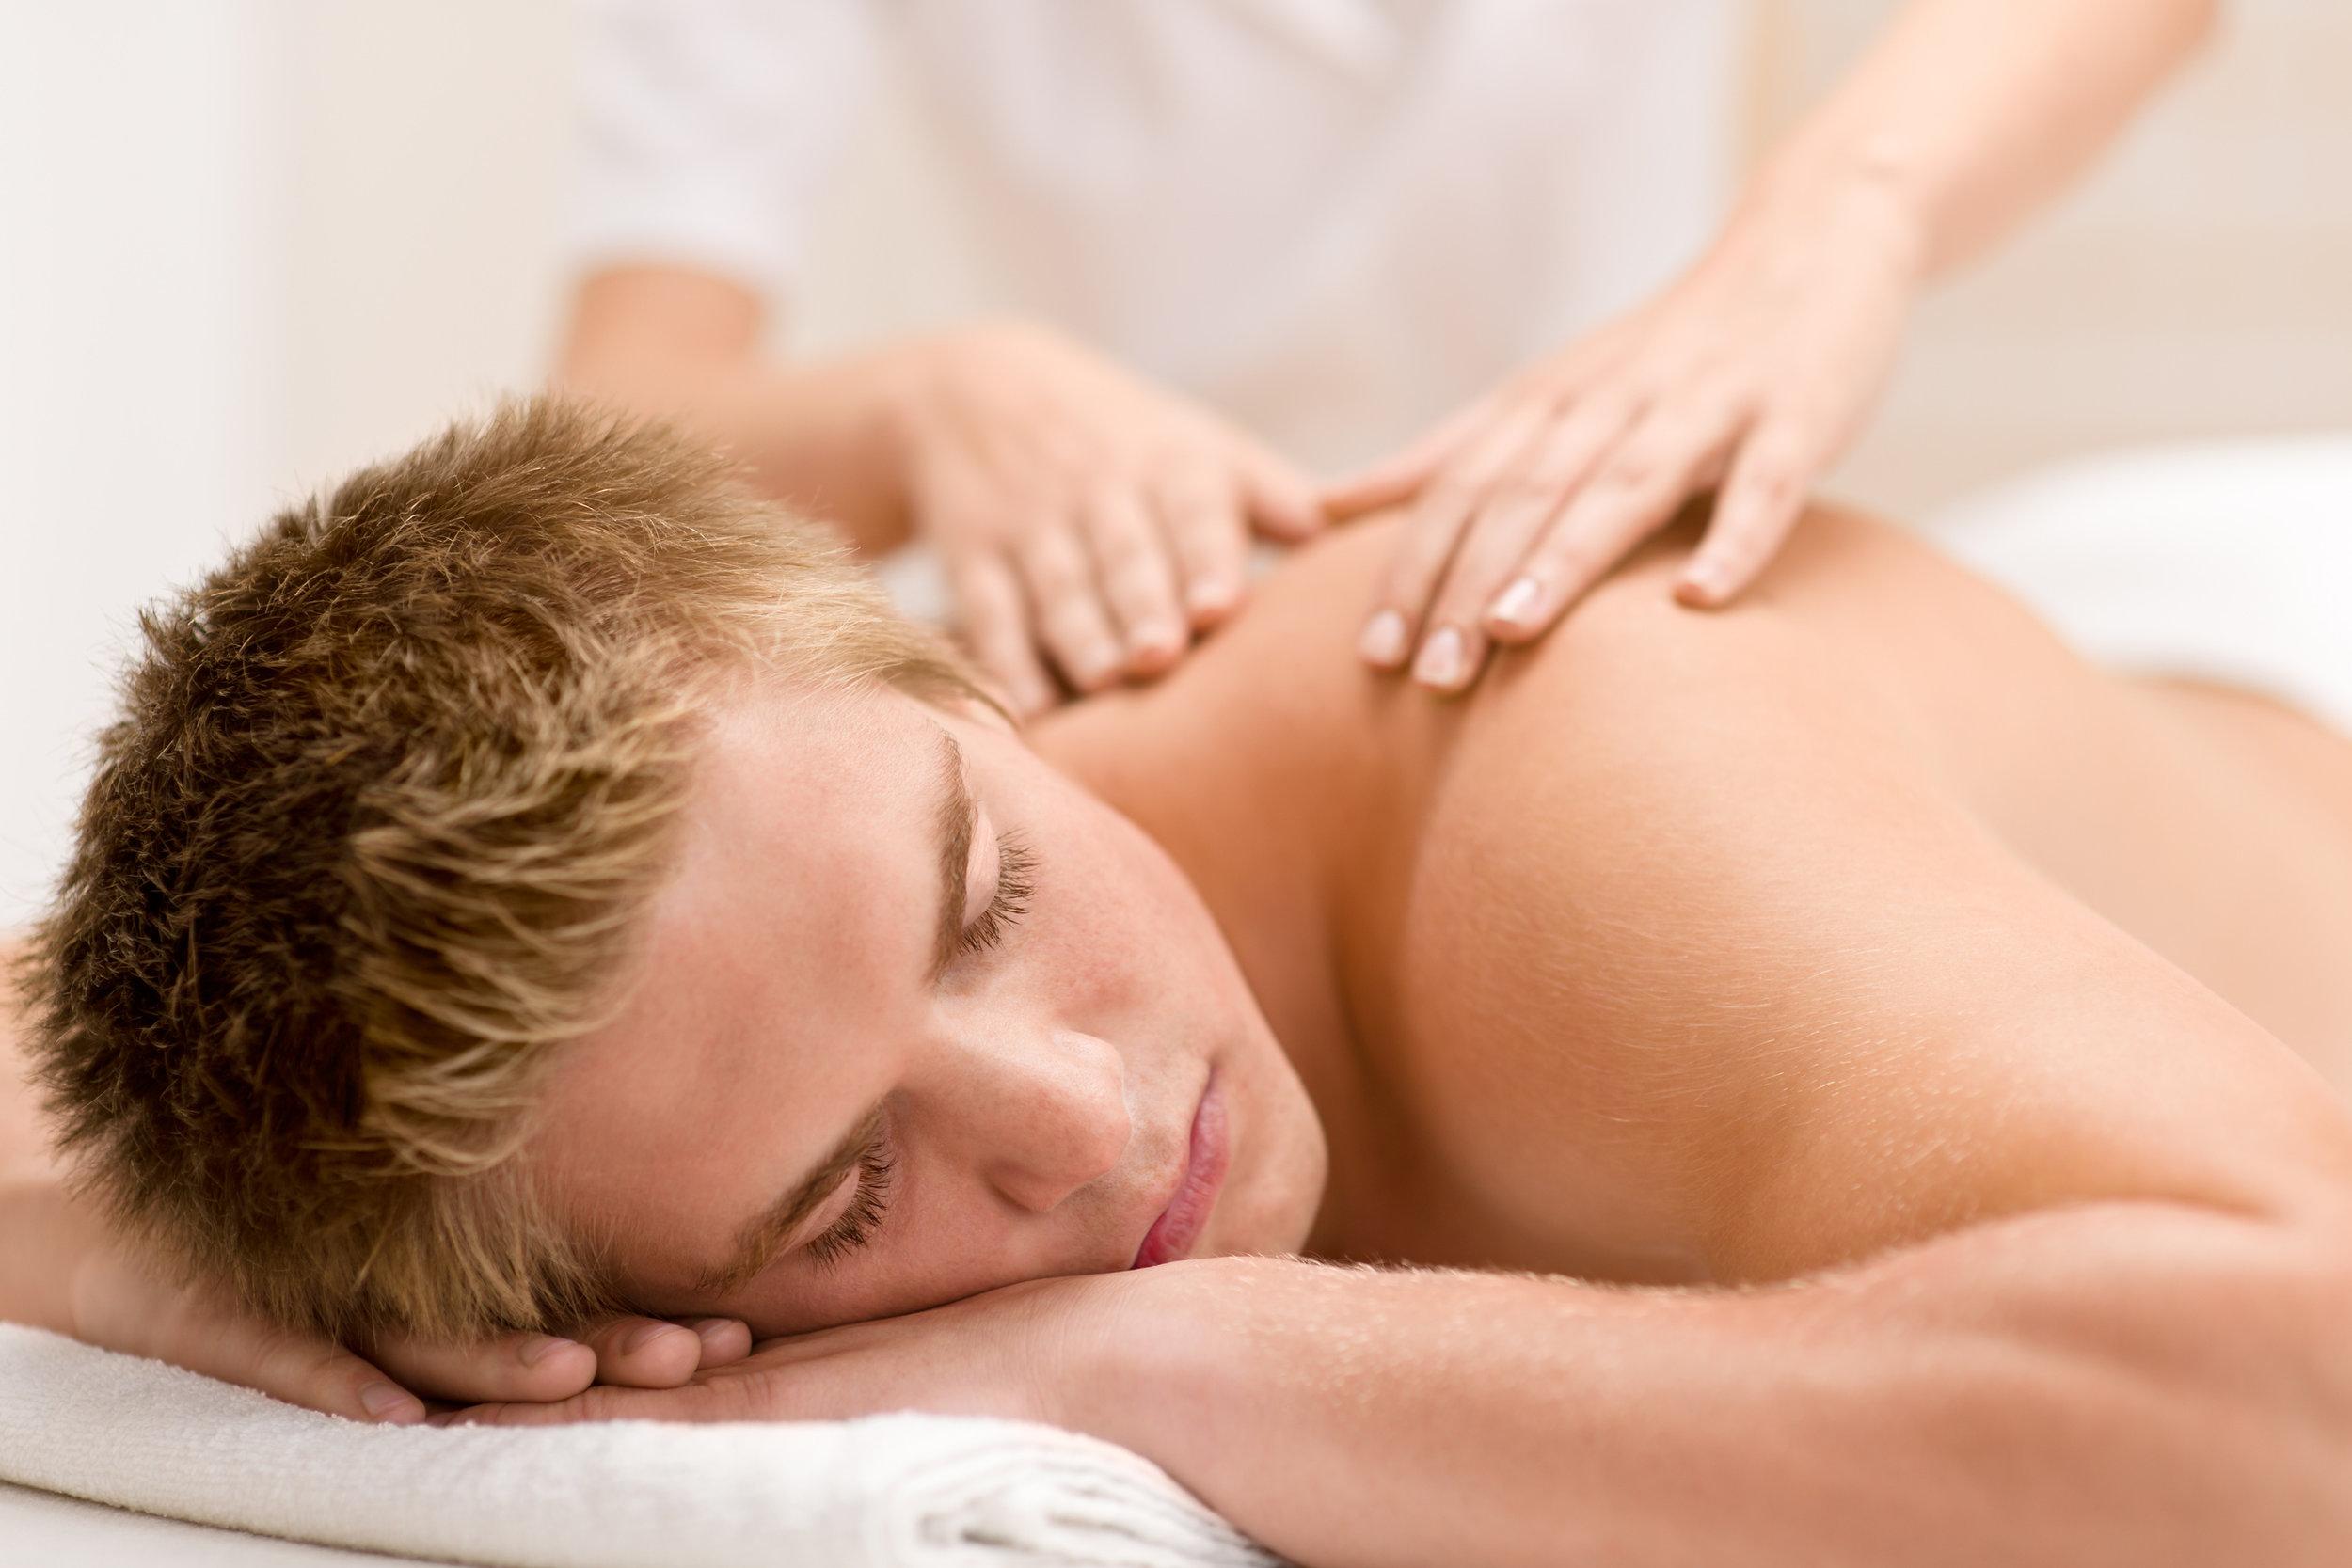 man-massage pic.jpeg